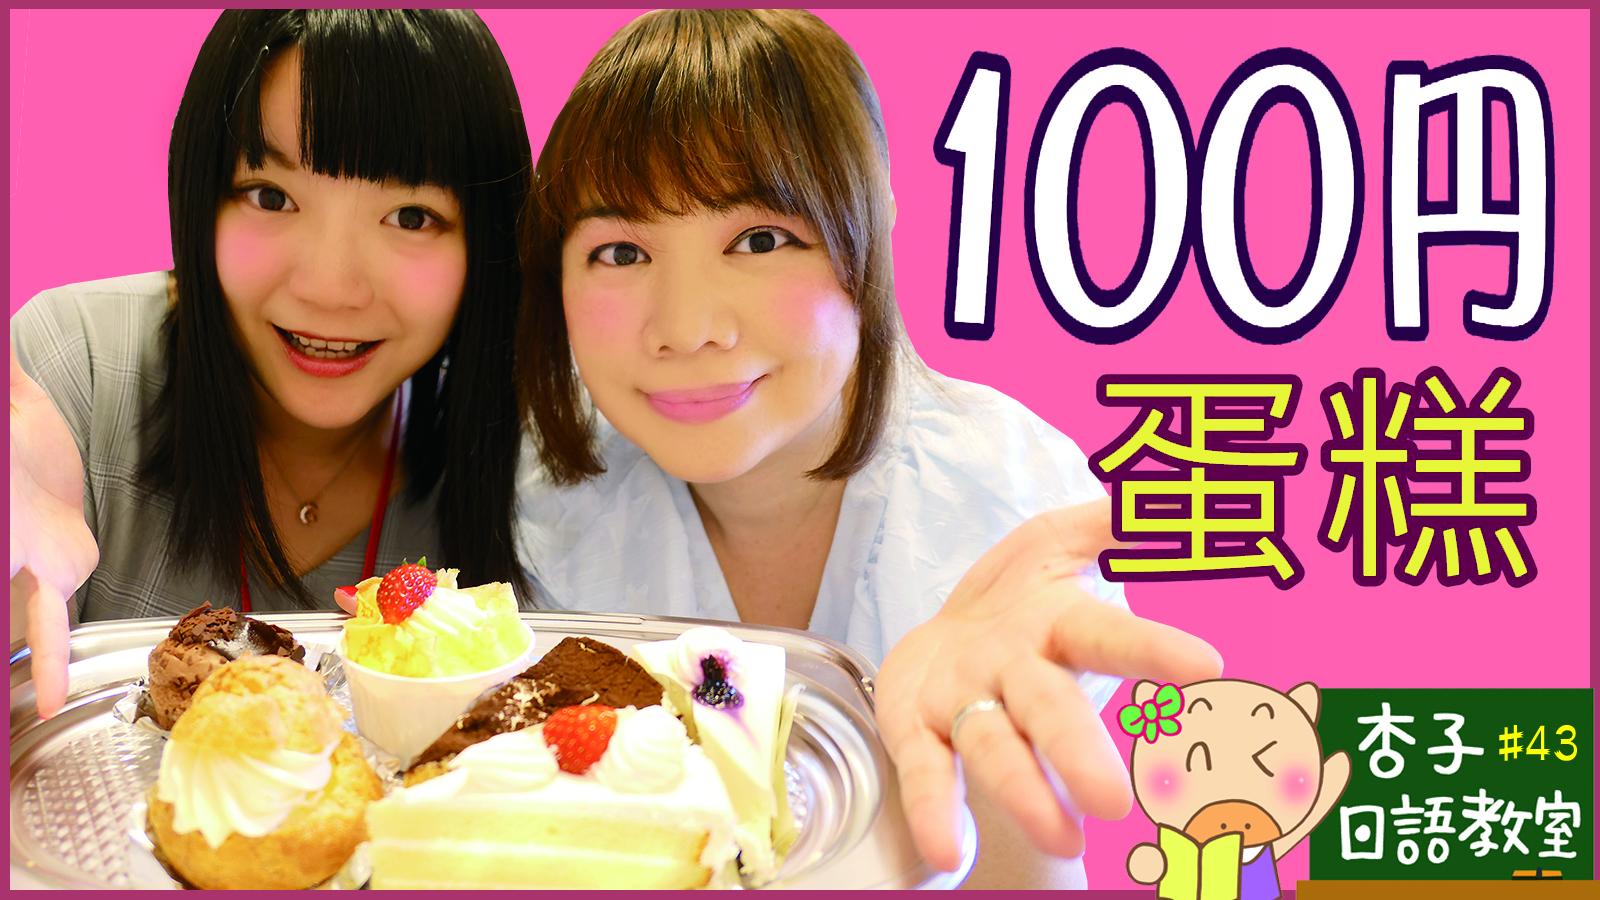 東京必吃甜點 |100日圓的蛋糕・100円ケーキ | SWEETS PARADISE ヨドバシAkiba店